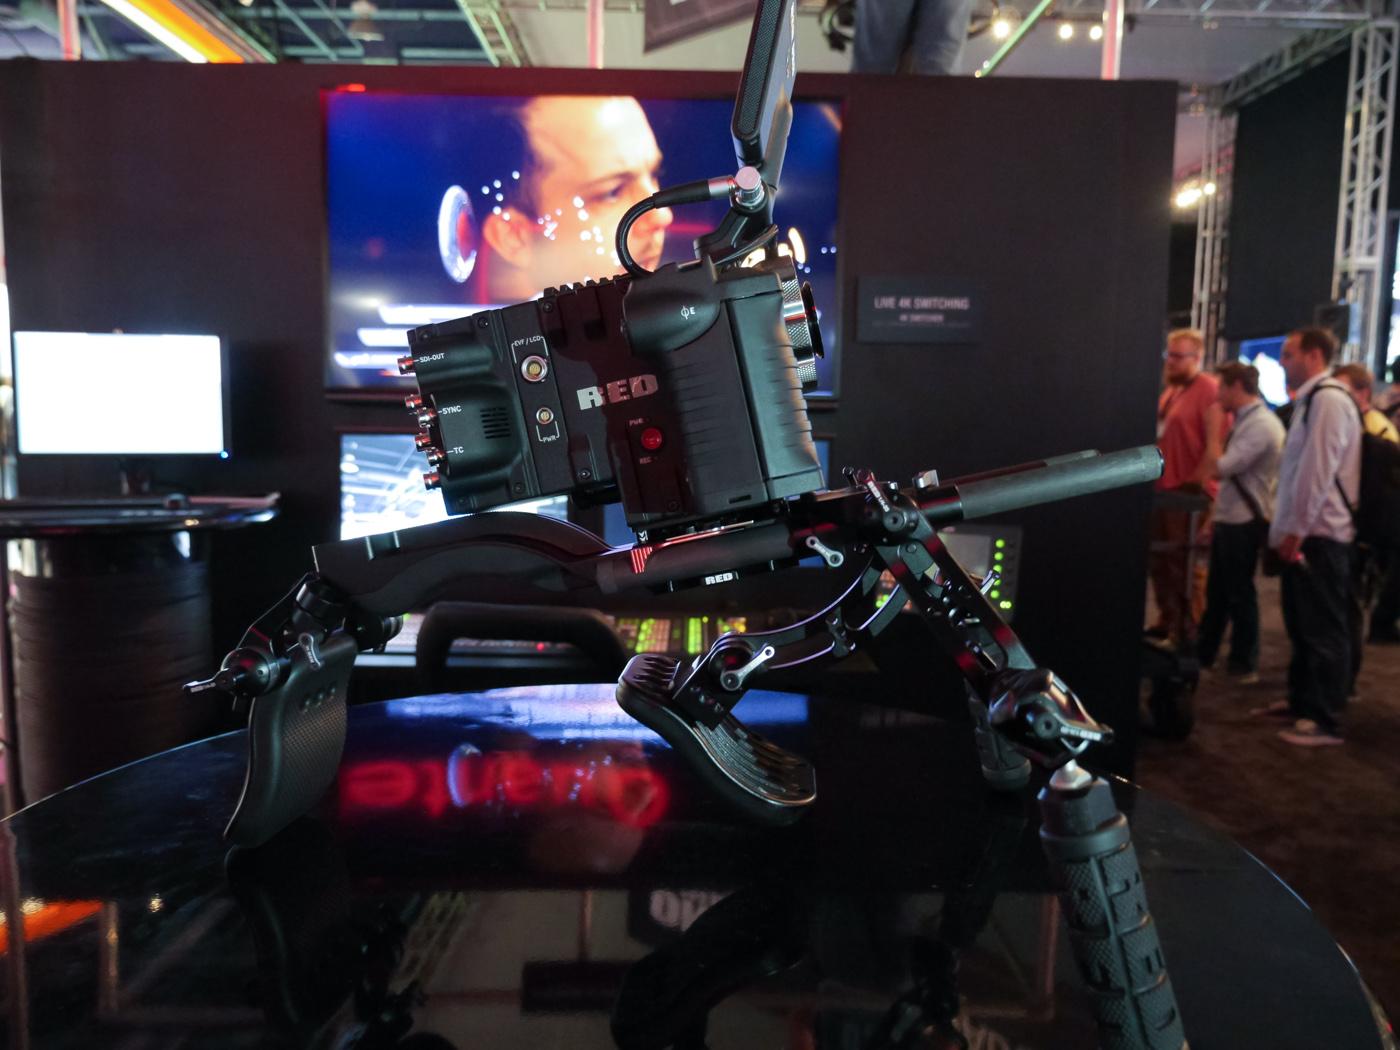 音と映像機器のアクティブな最新動向ならここで! ヨーロッパ発 ビッグな放送機器展。映像のみならず、音楽クリエータを刺激する新製品登場にも期待が高まる、秋の1大エンターテイメントを現地レポートします!